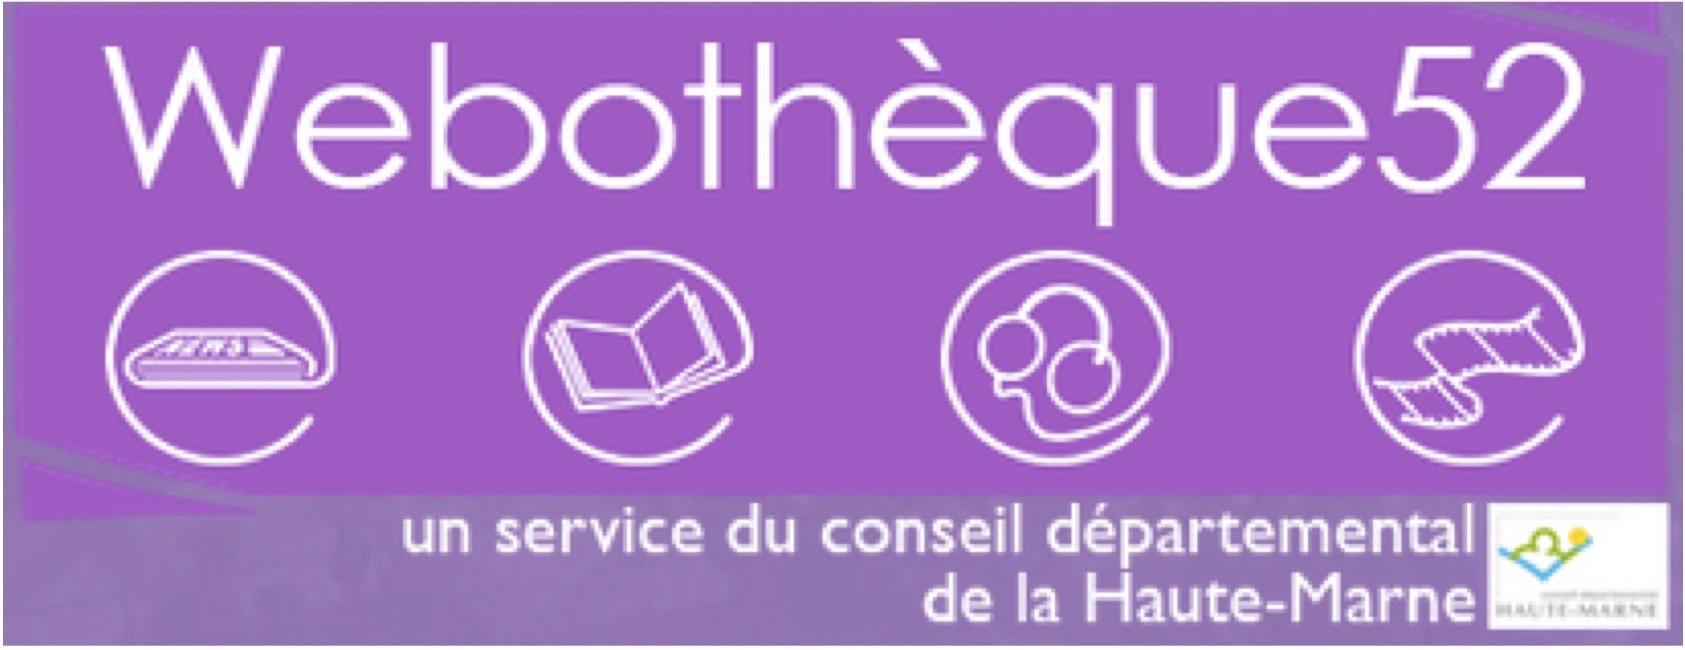 webotheque52-logo